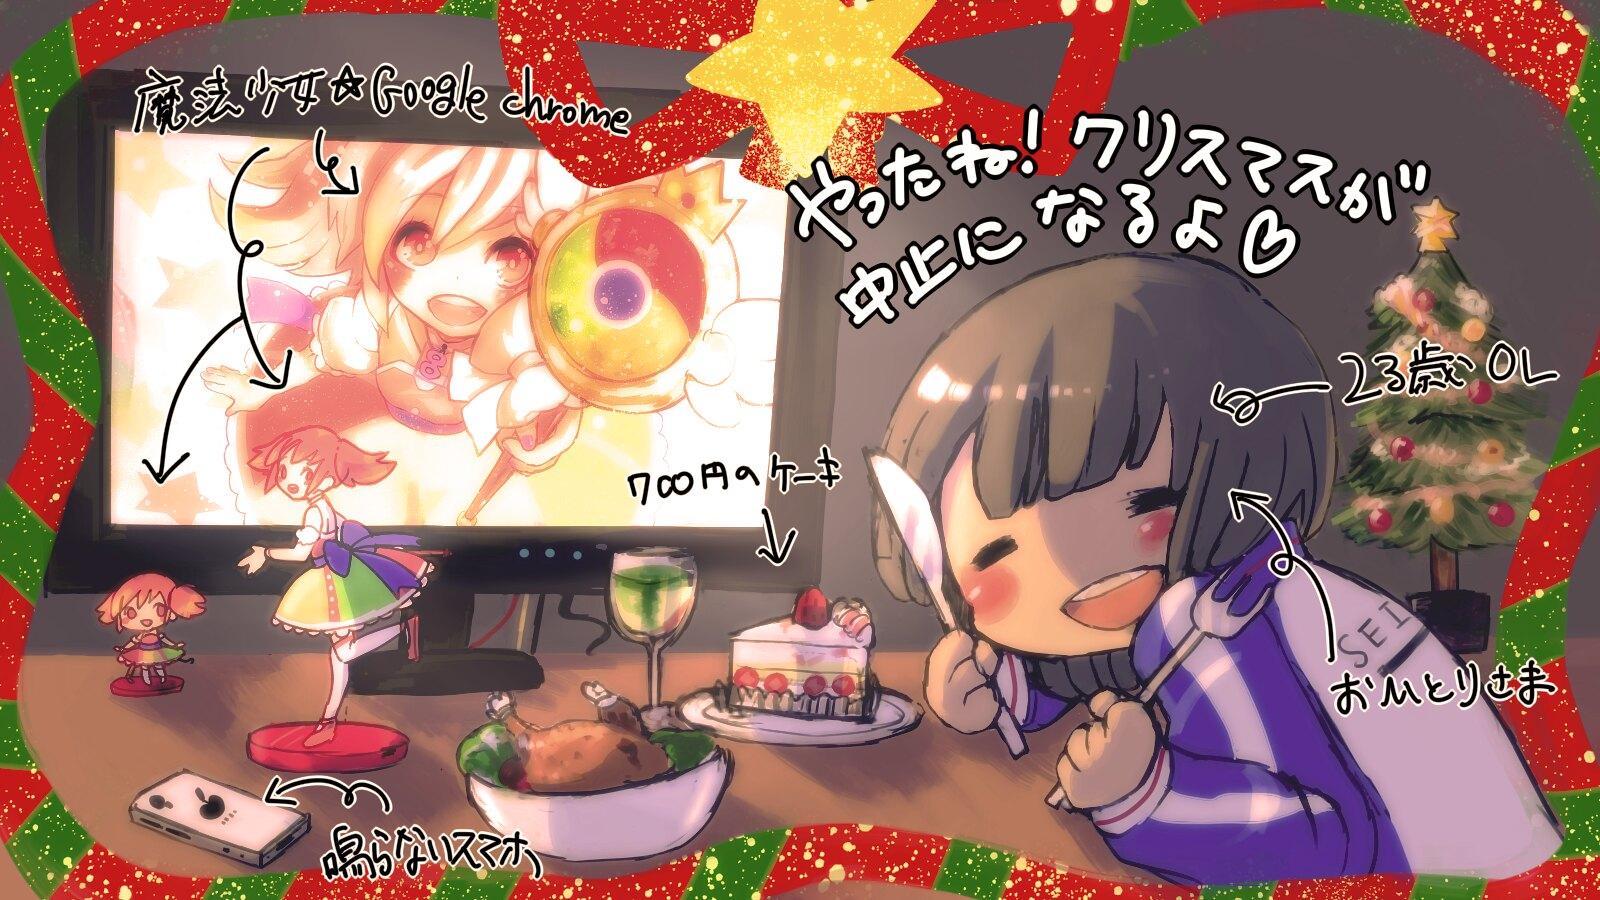 腐女子のクリスマスのイメージ画像をごらんください